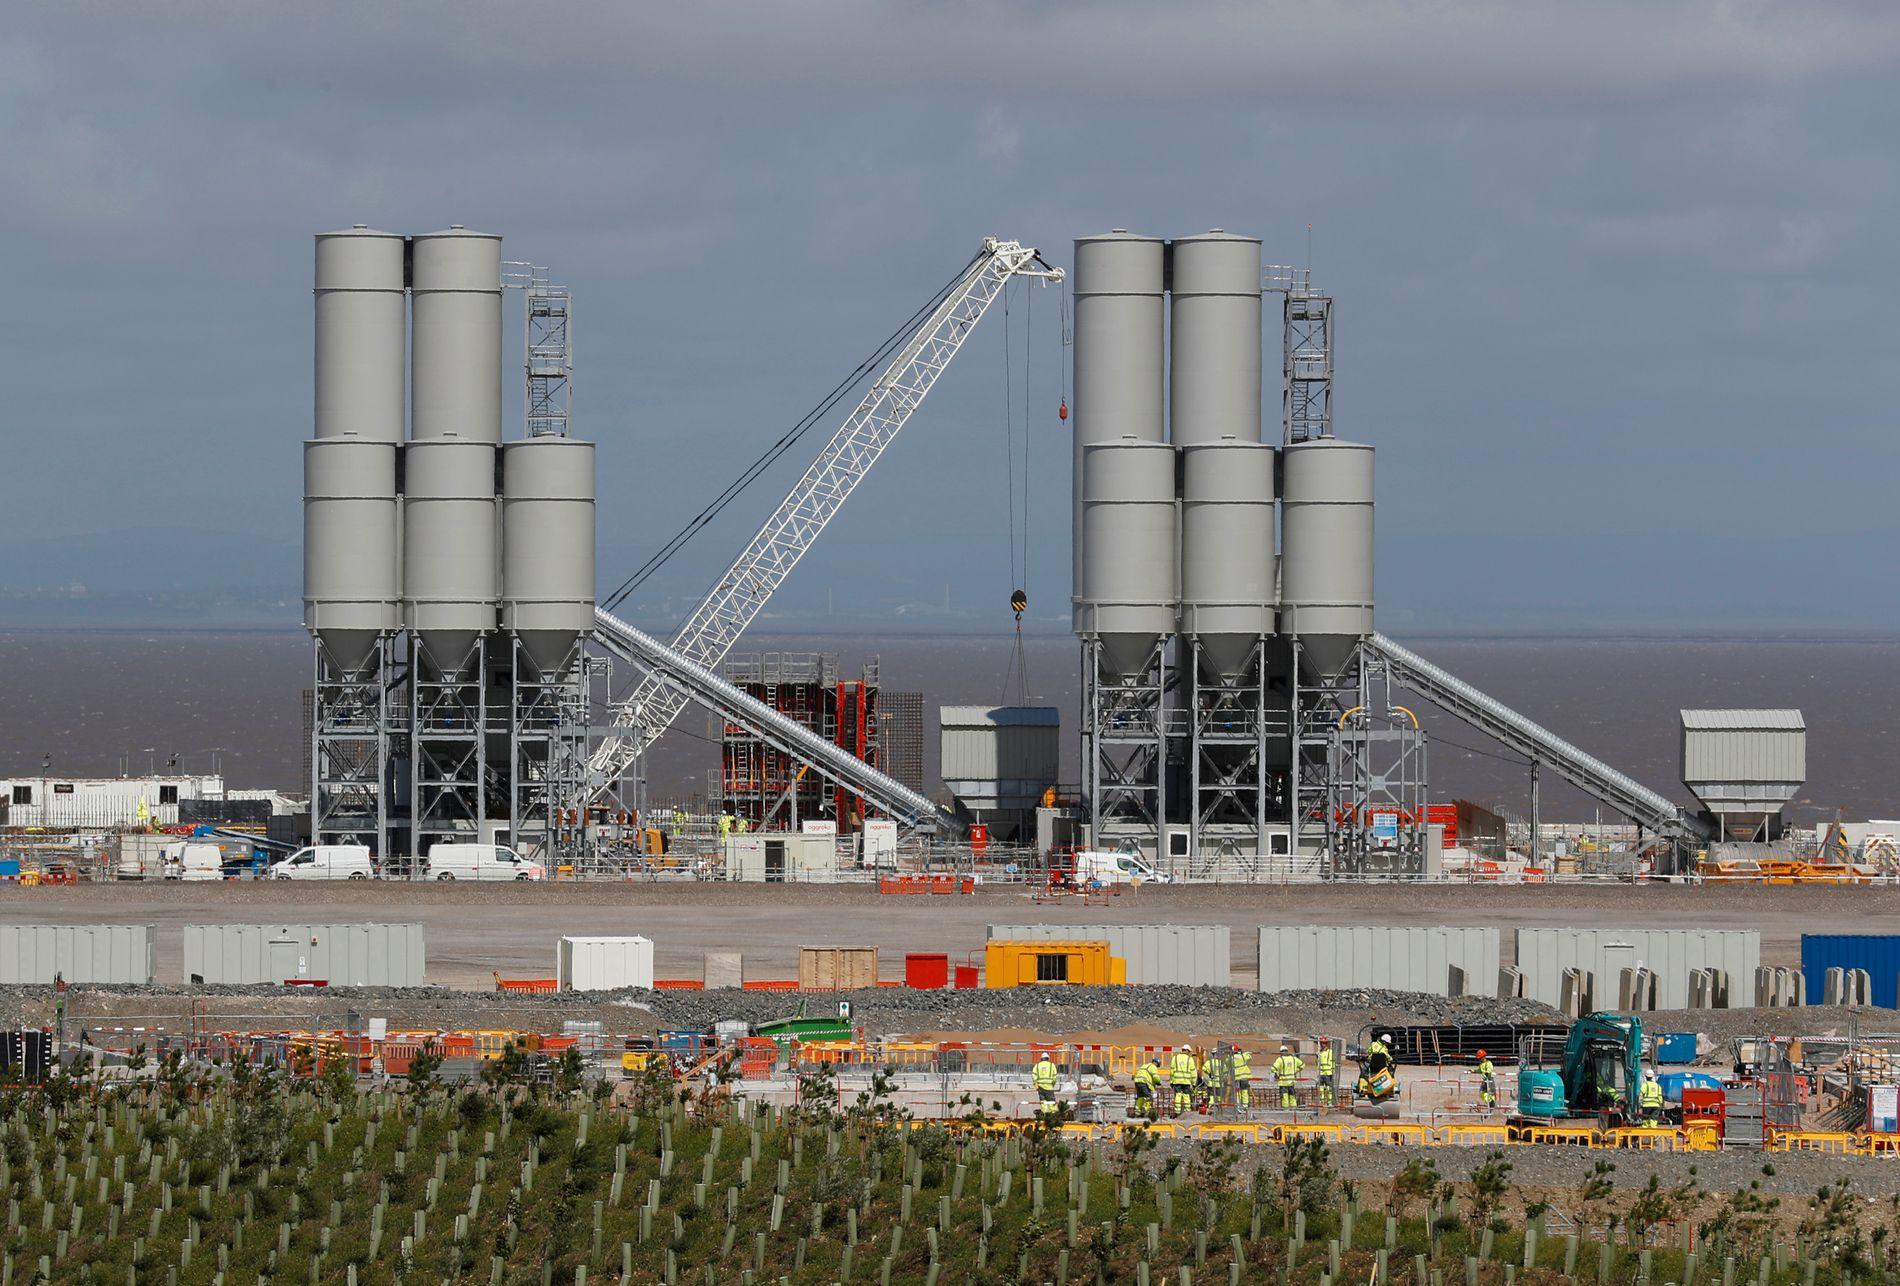 OMDISKUTERT: Den britiske regjeringen ga i fjor høst endelig godkjenning til bygging av atomkraftverket Hinkley Point C i Somerset. Anlegget er omdiskutert i Storbritannia fordi kinesiske og franske selskaper er tungt inne i finansieringen og driften av anlegget.